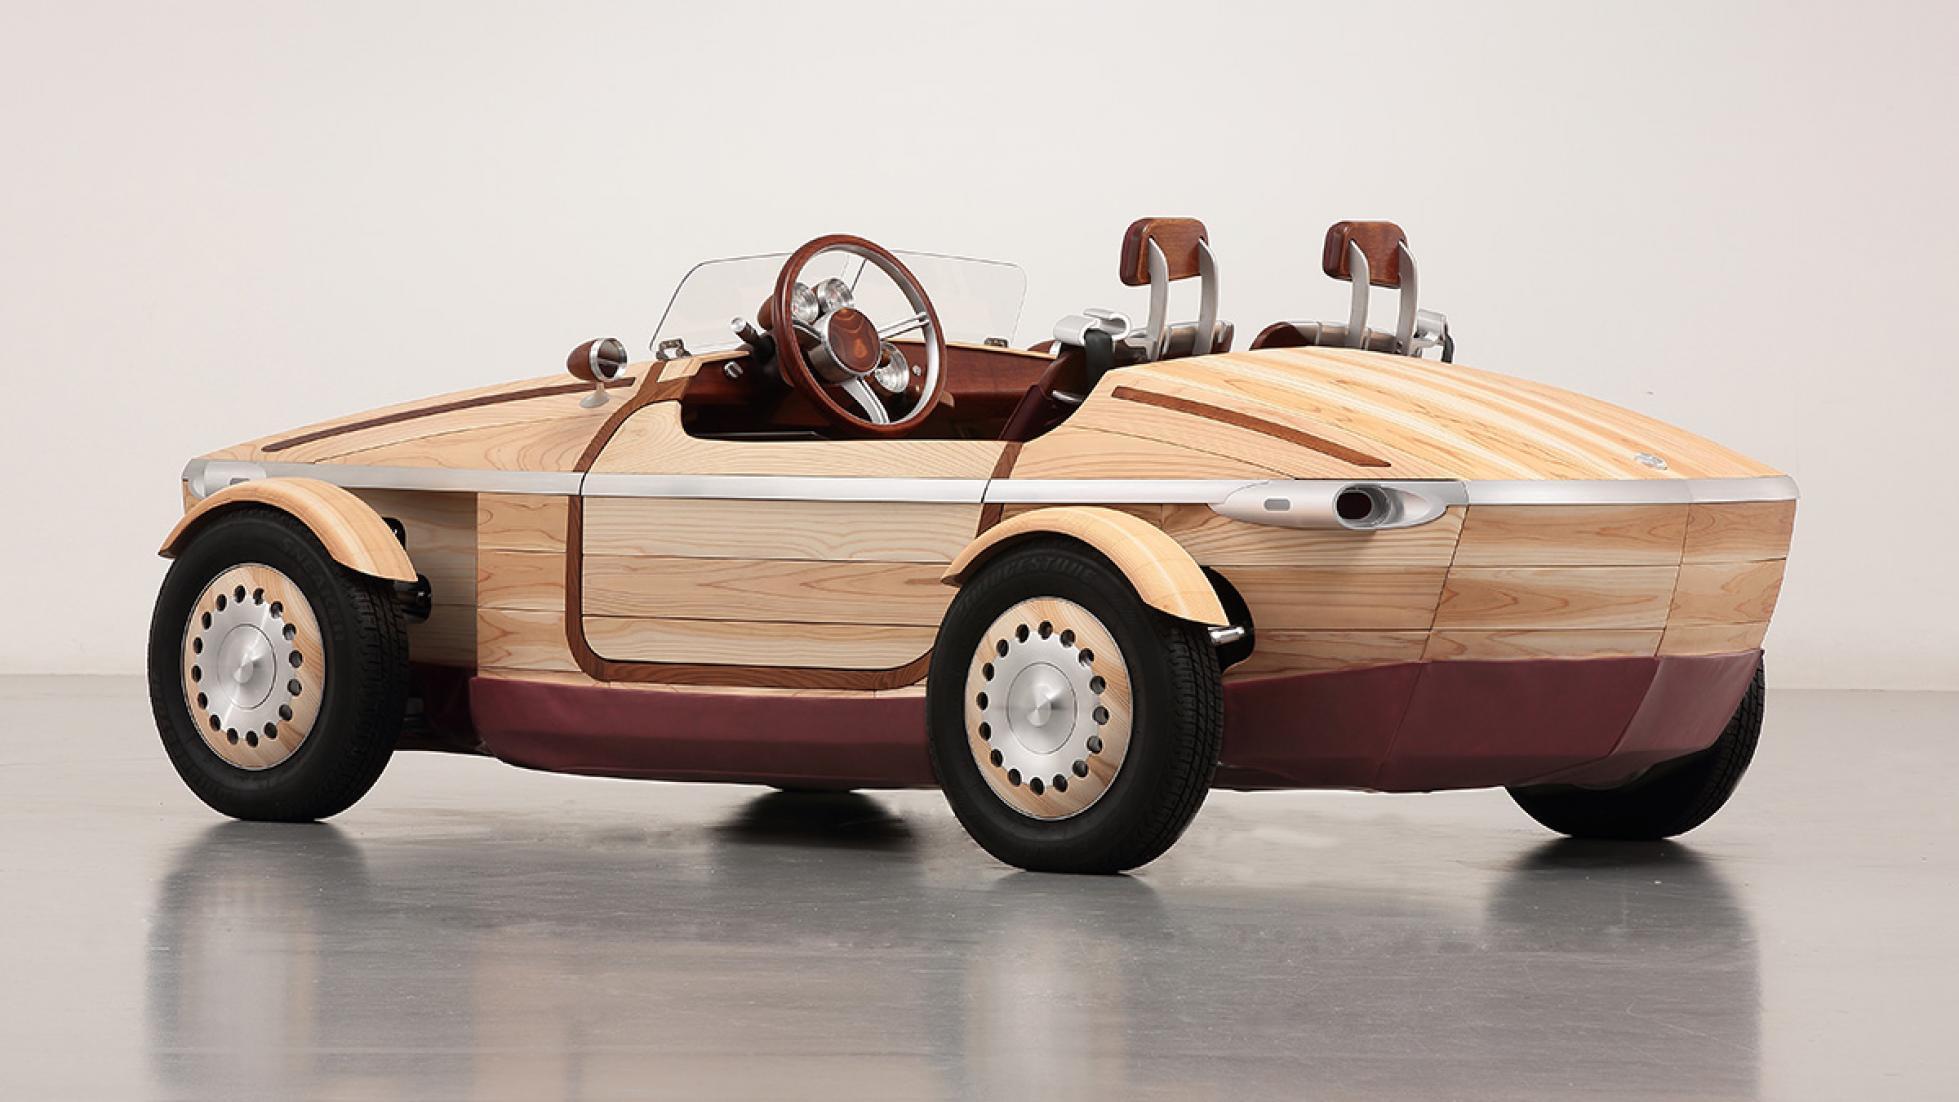 Những chiếc ô tô gỗ chạy điện Toyota Setsuna độc đáo của Nhật Bản